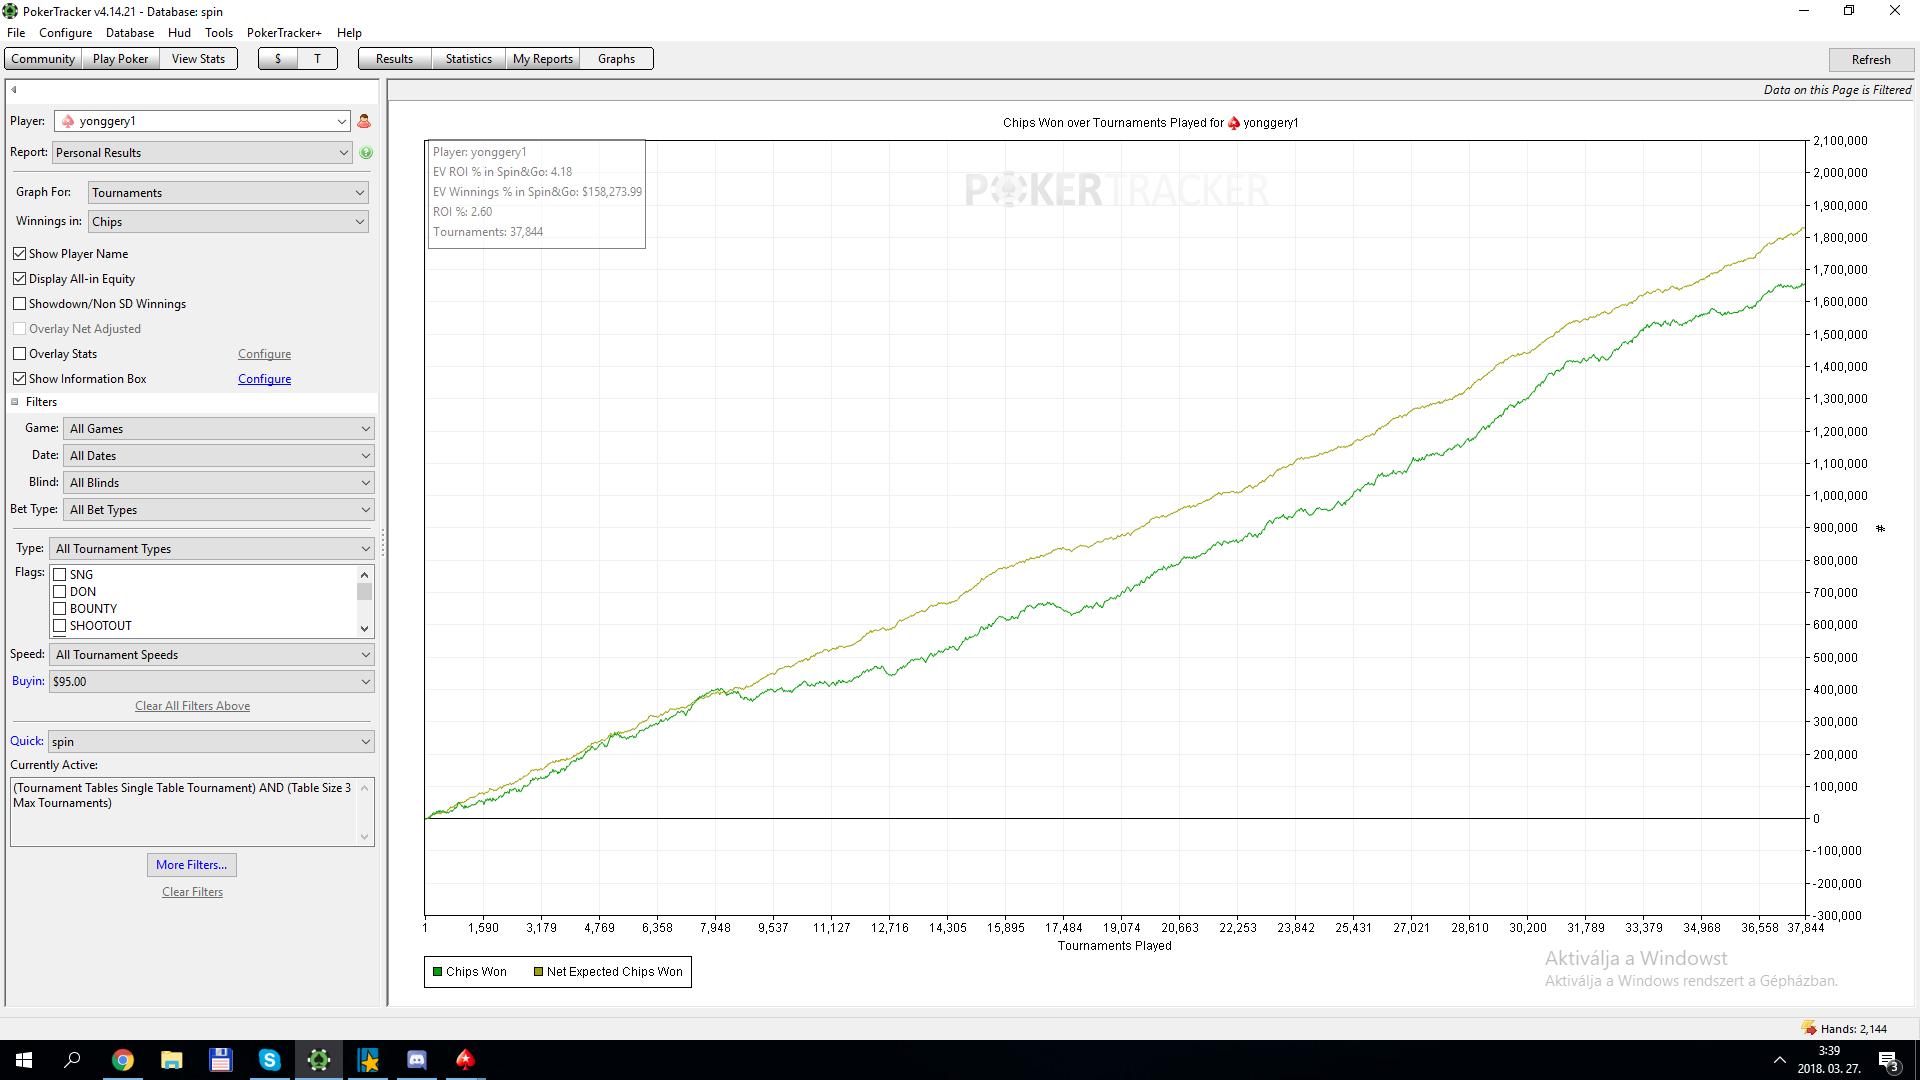 yonggery1's lifetime $100 graph